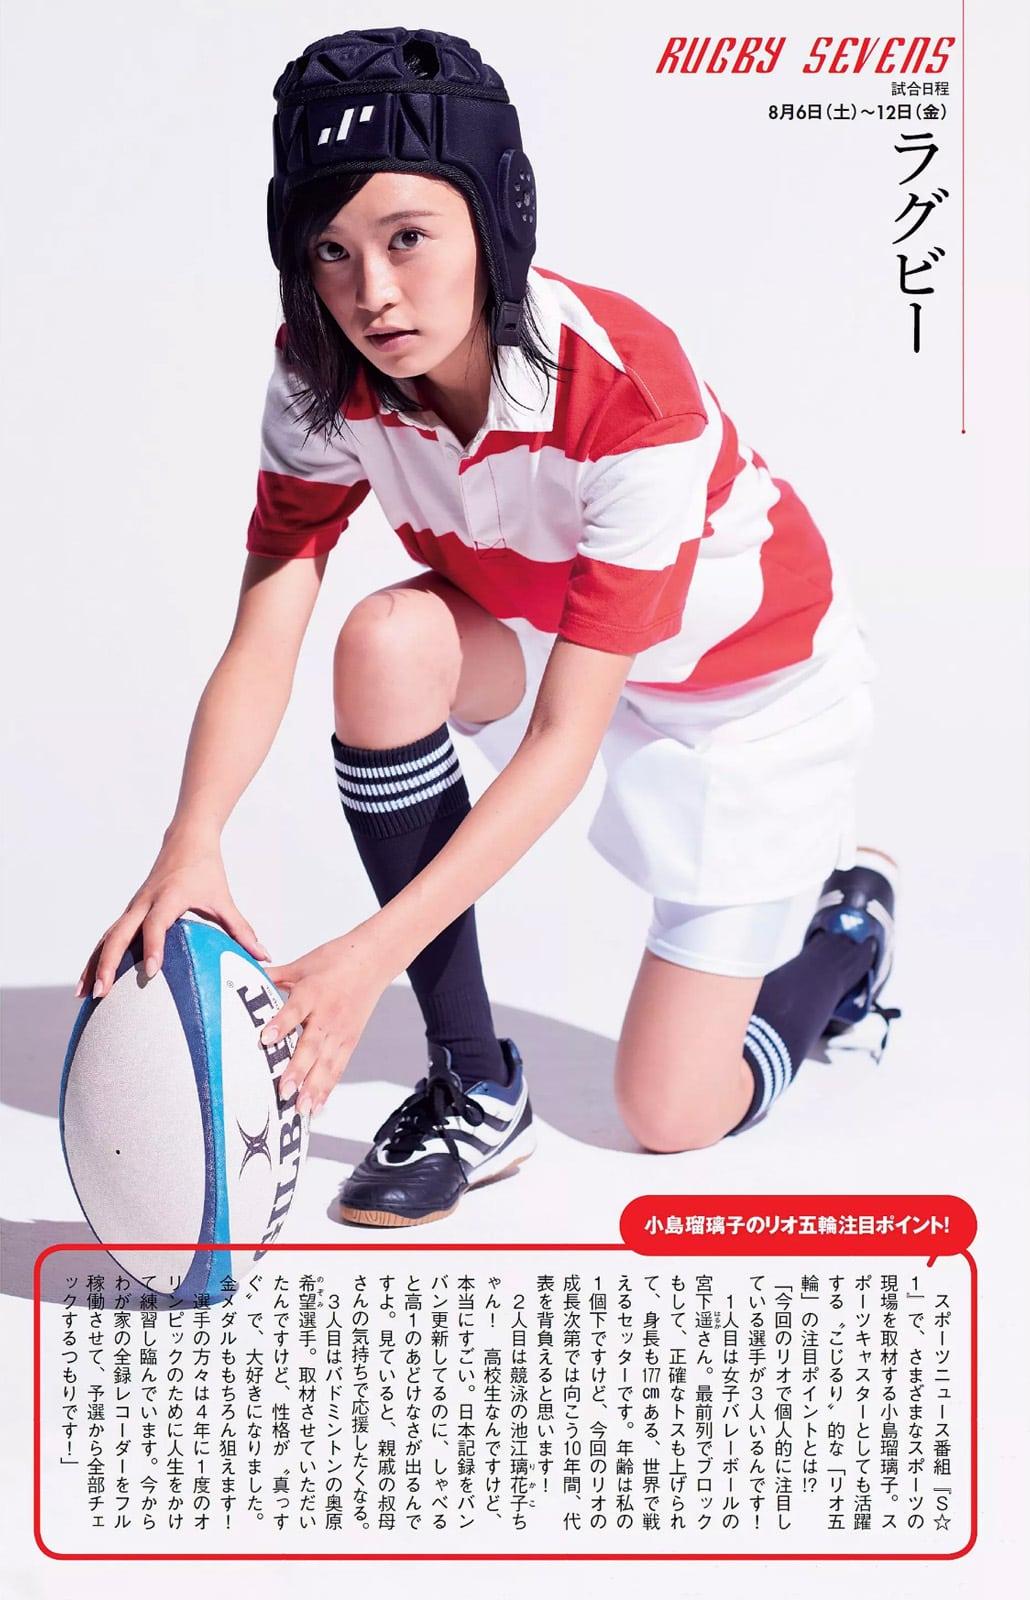 「週刊プレイボーイ 2016 No.33」小島瑠璃子のラグビーユニフォームグラビア